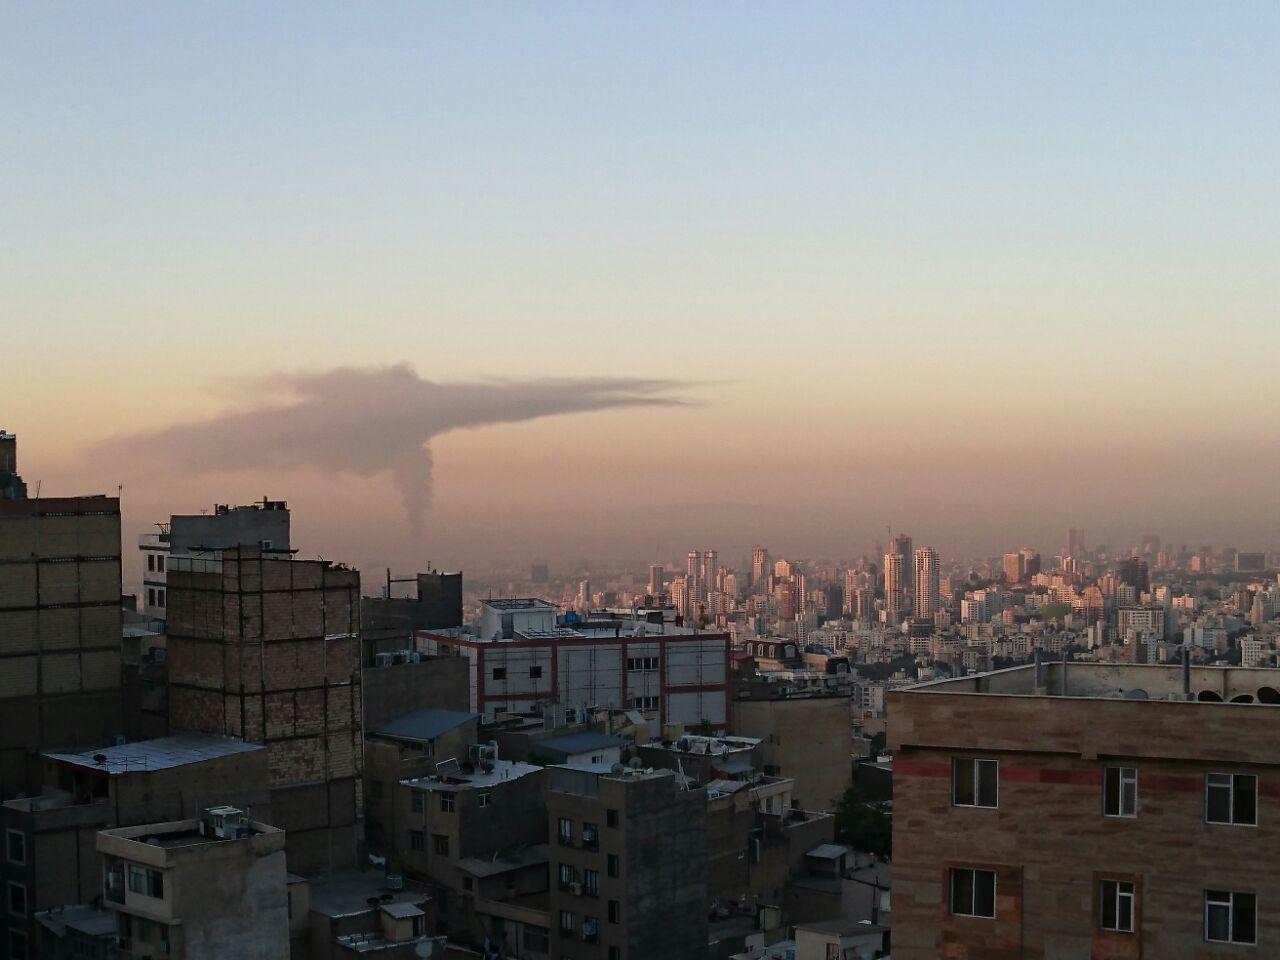 دود غلیظ امروز صبح در تهران + عکس